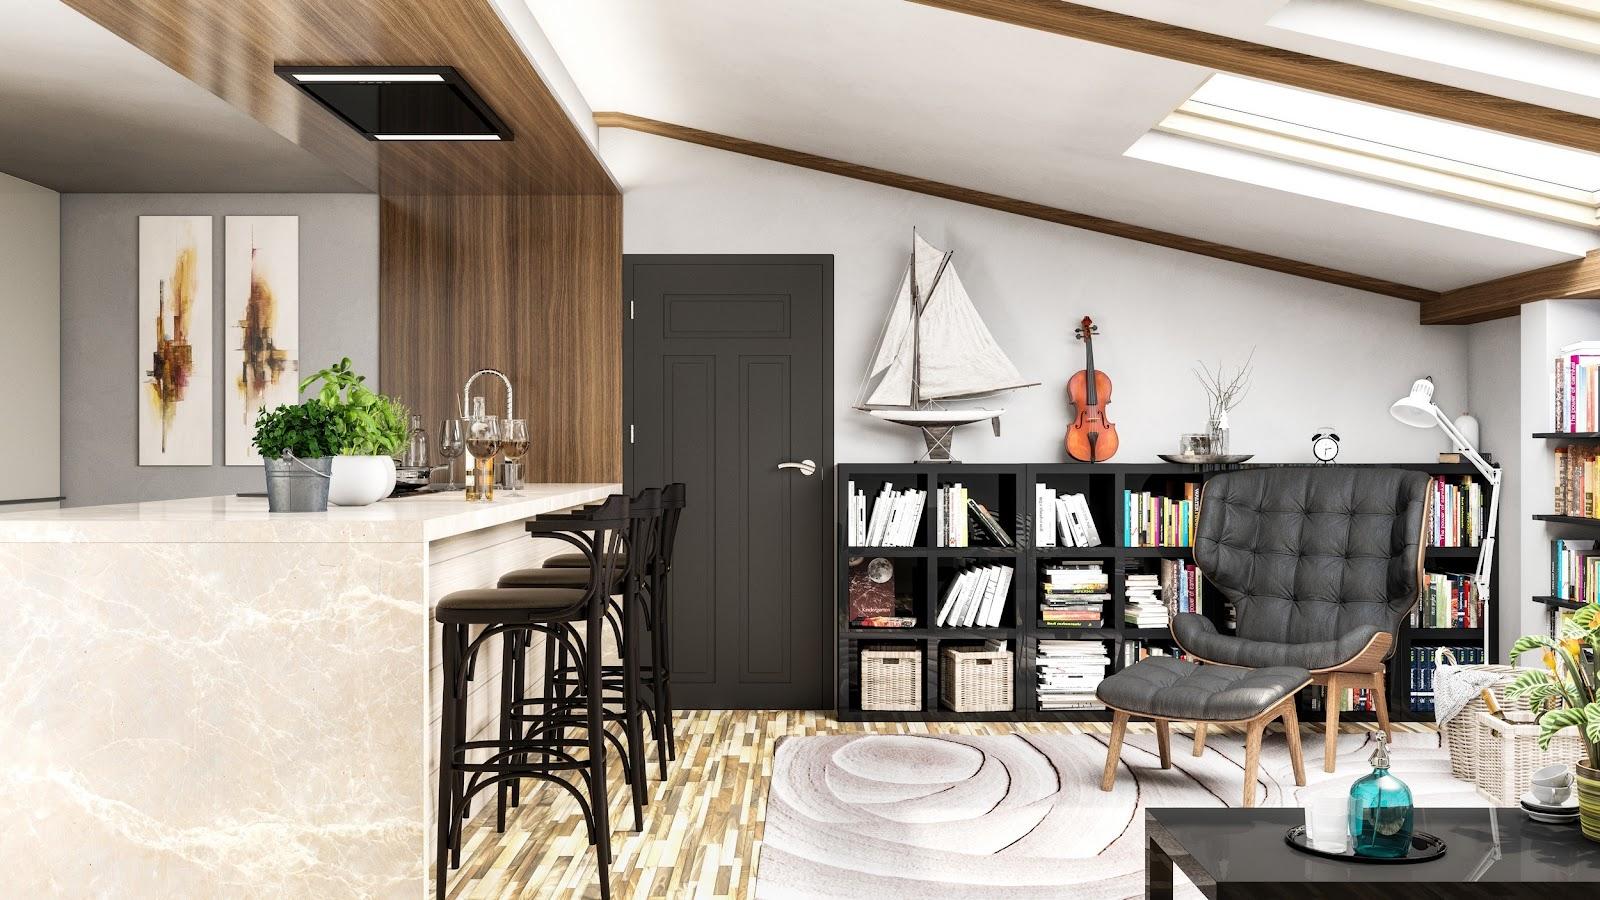 Okap do kuchni z salonem sufitowy